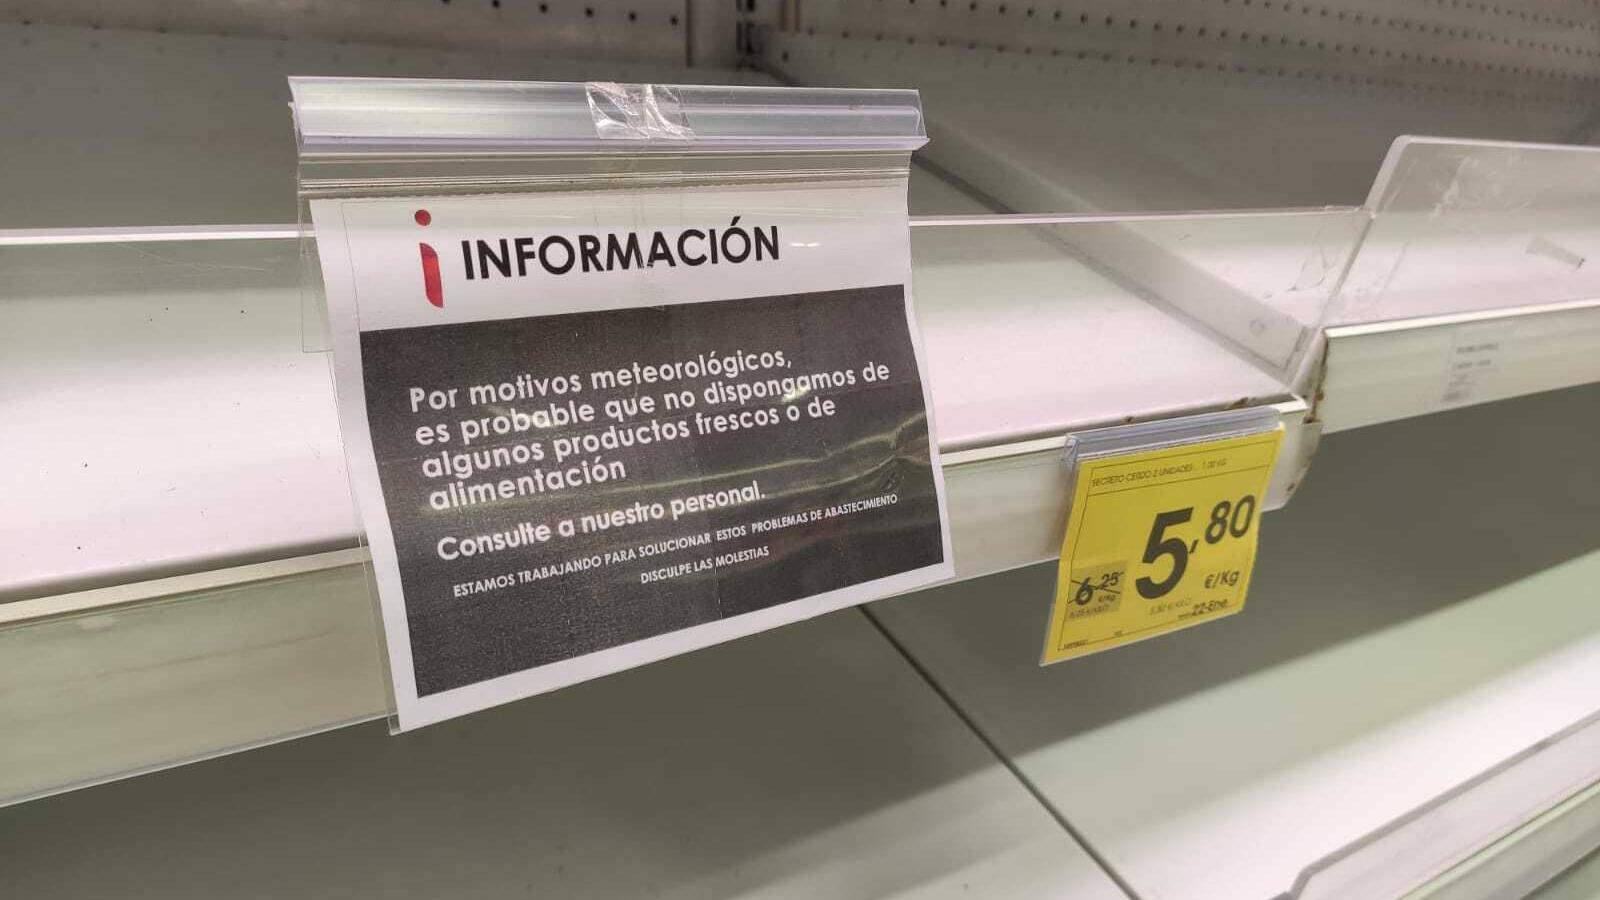 Cartell a les estanteries de la cadena de supermercats Eroski